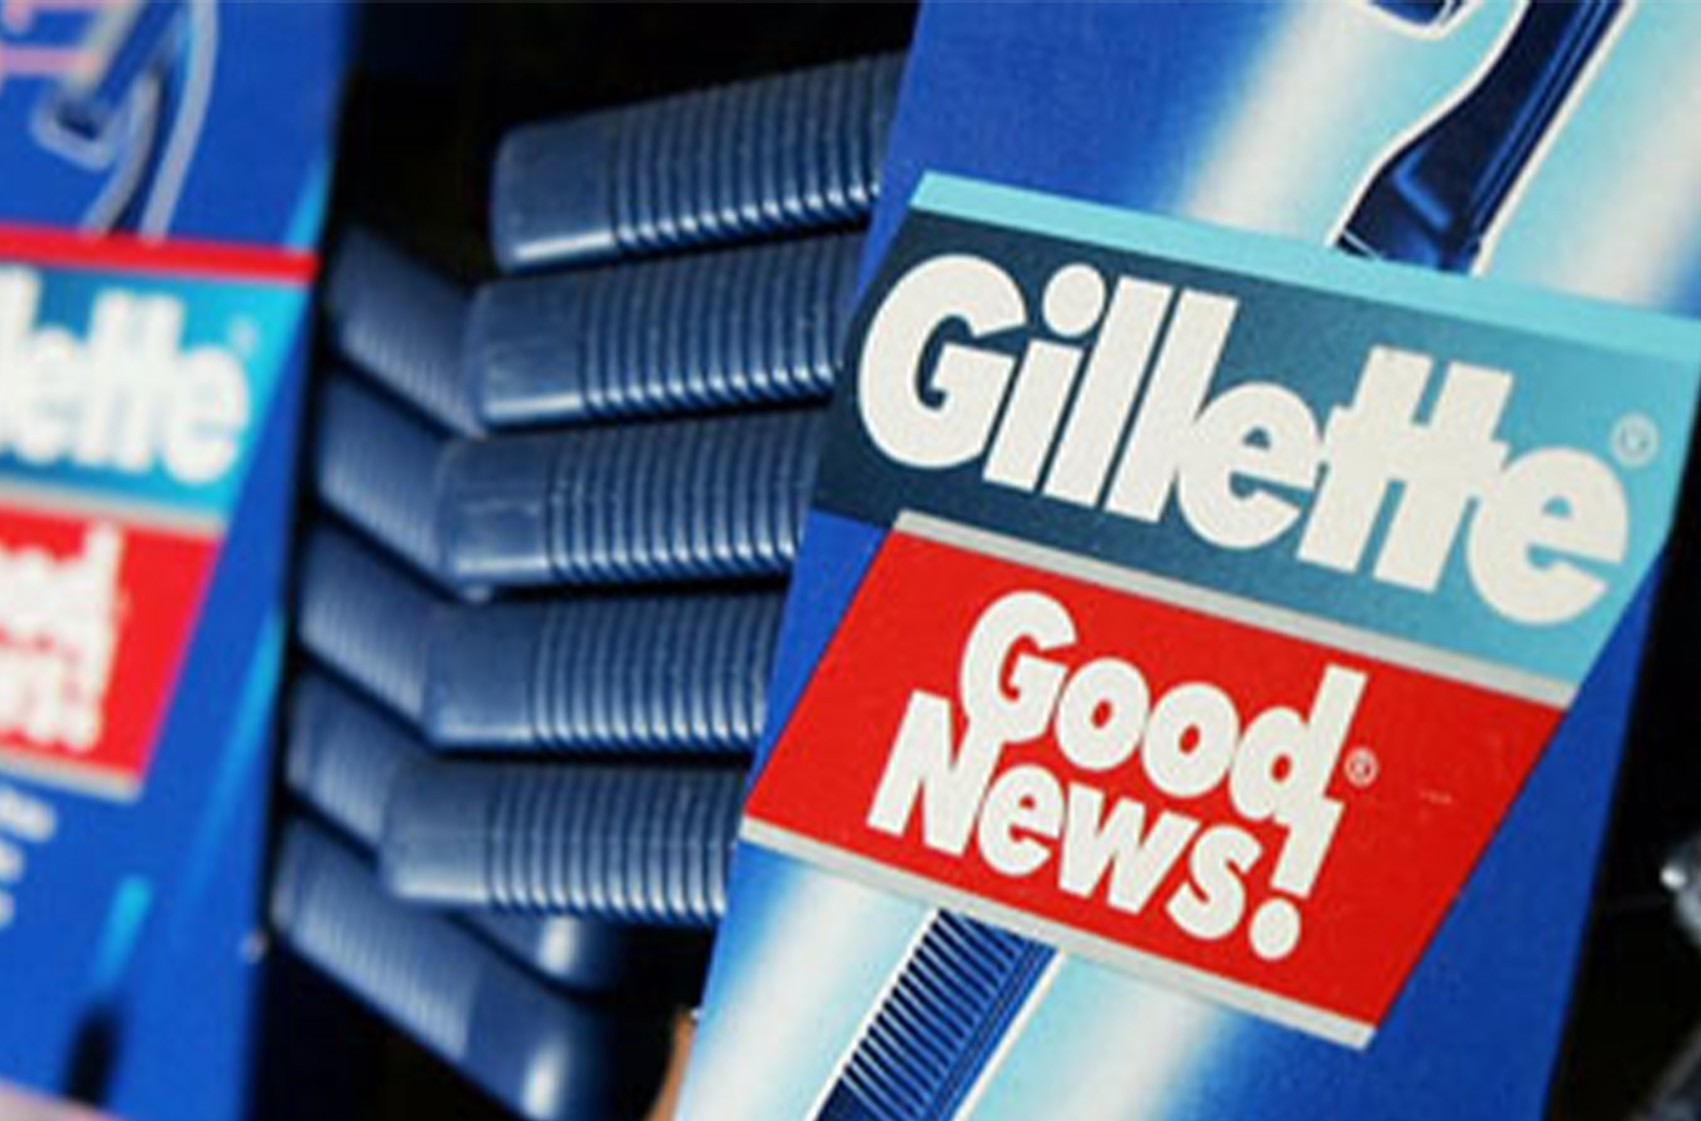 داستان لوگو Gillette